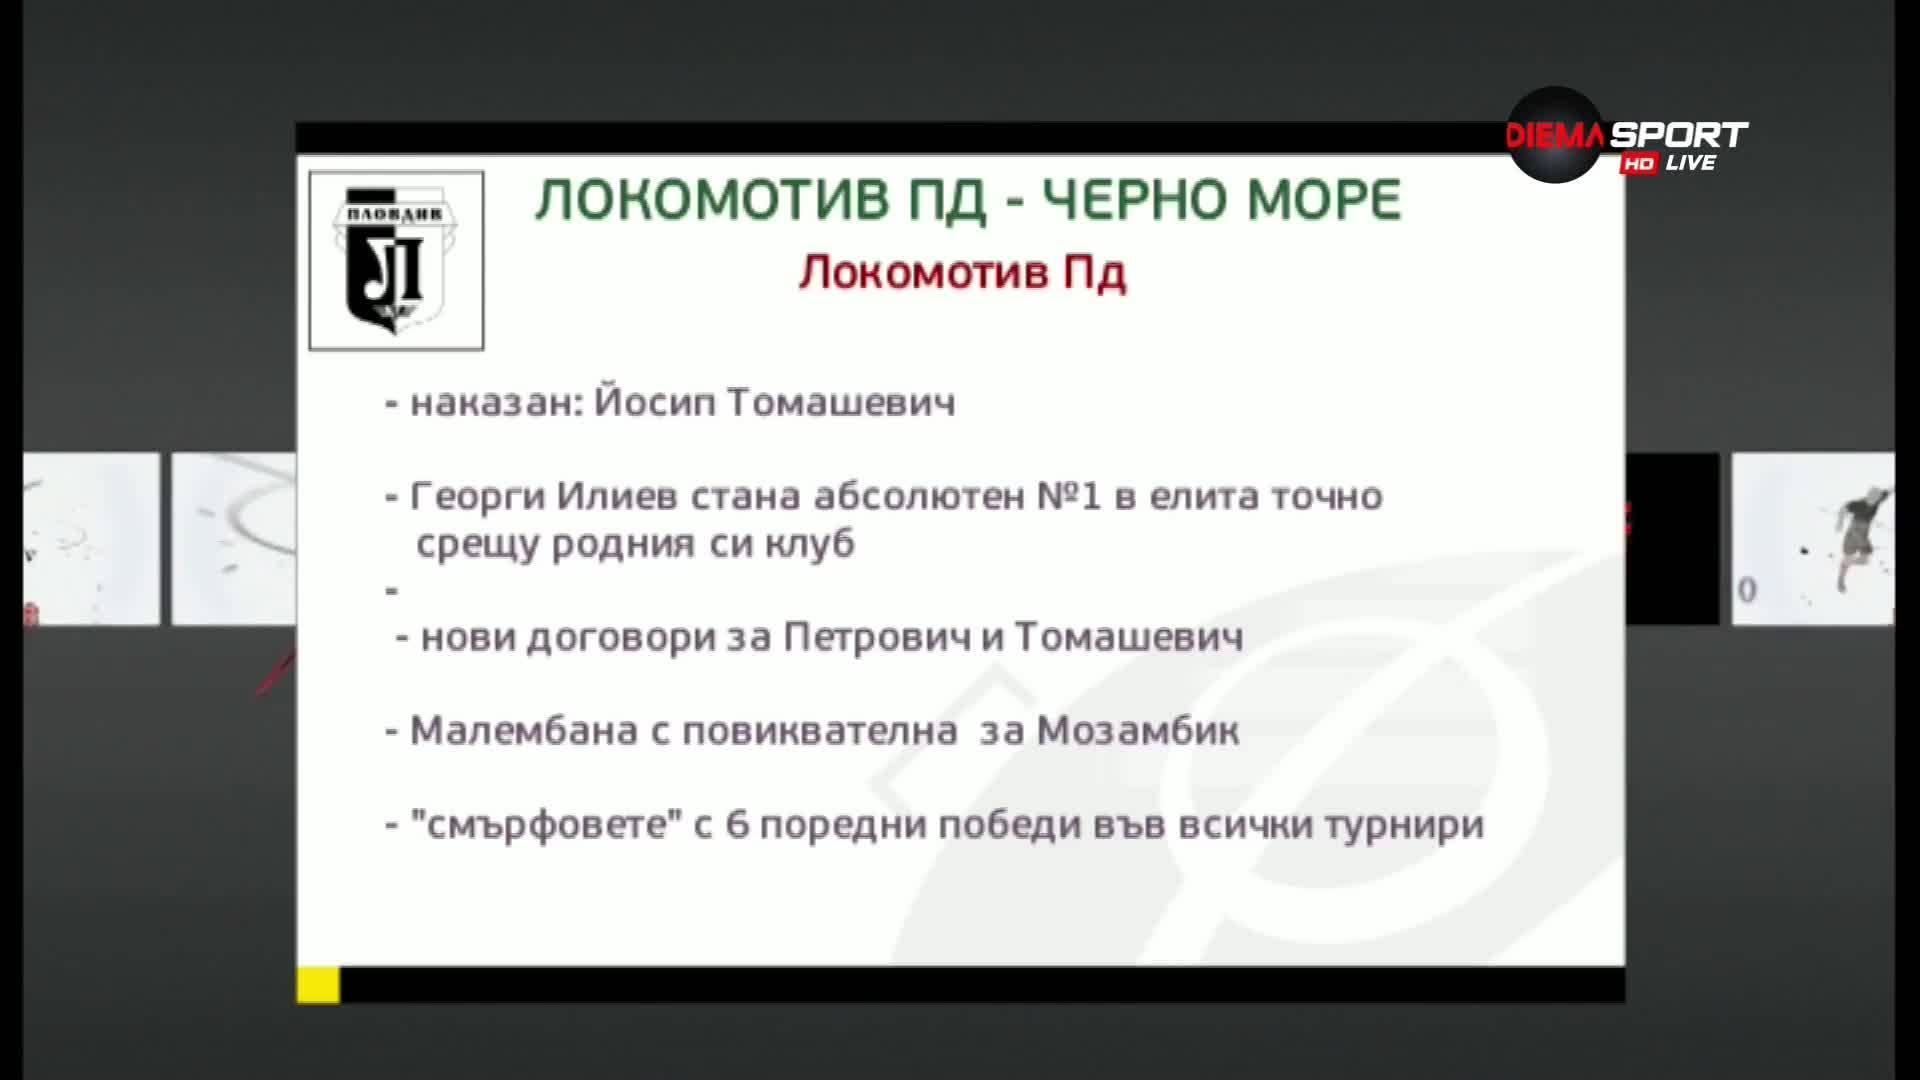 Локо Пд - Черно море предвещава здрава битка